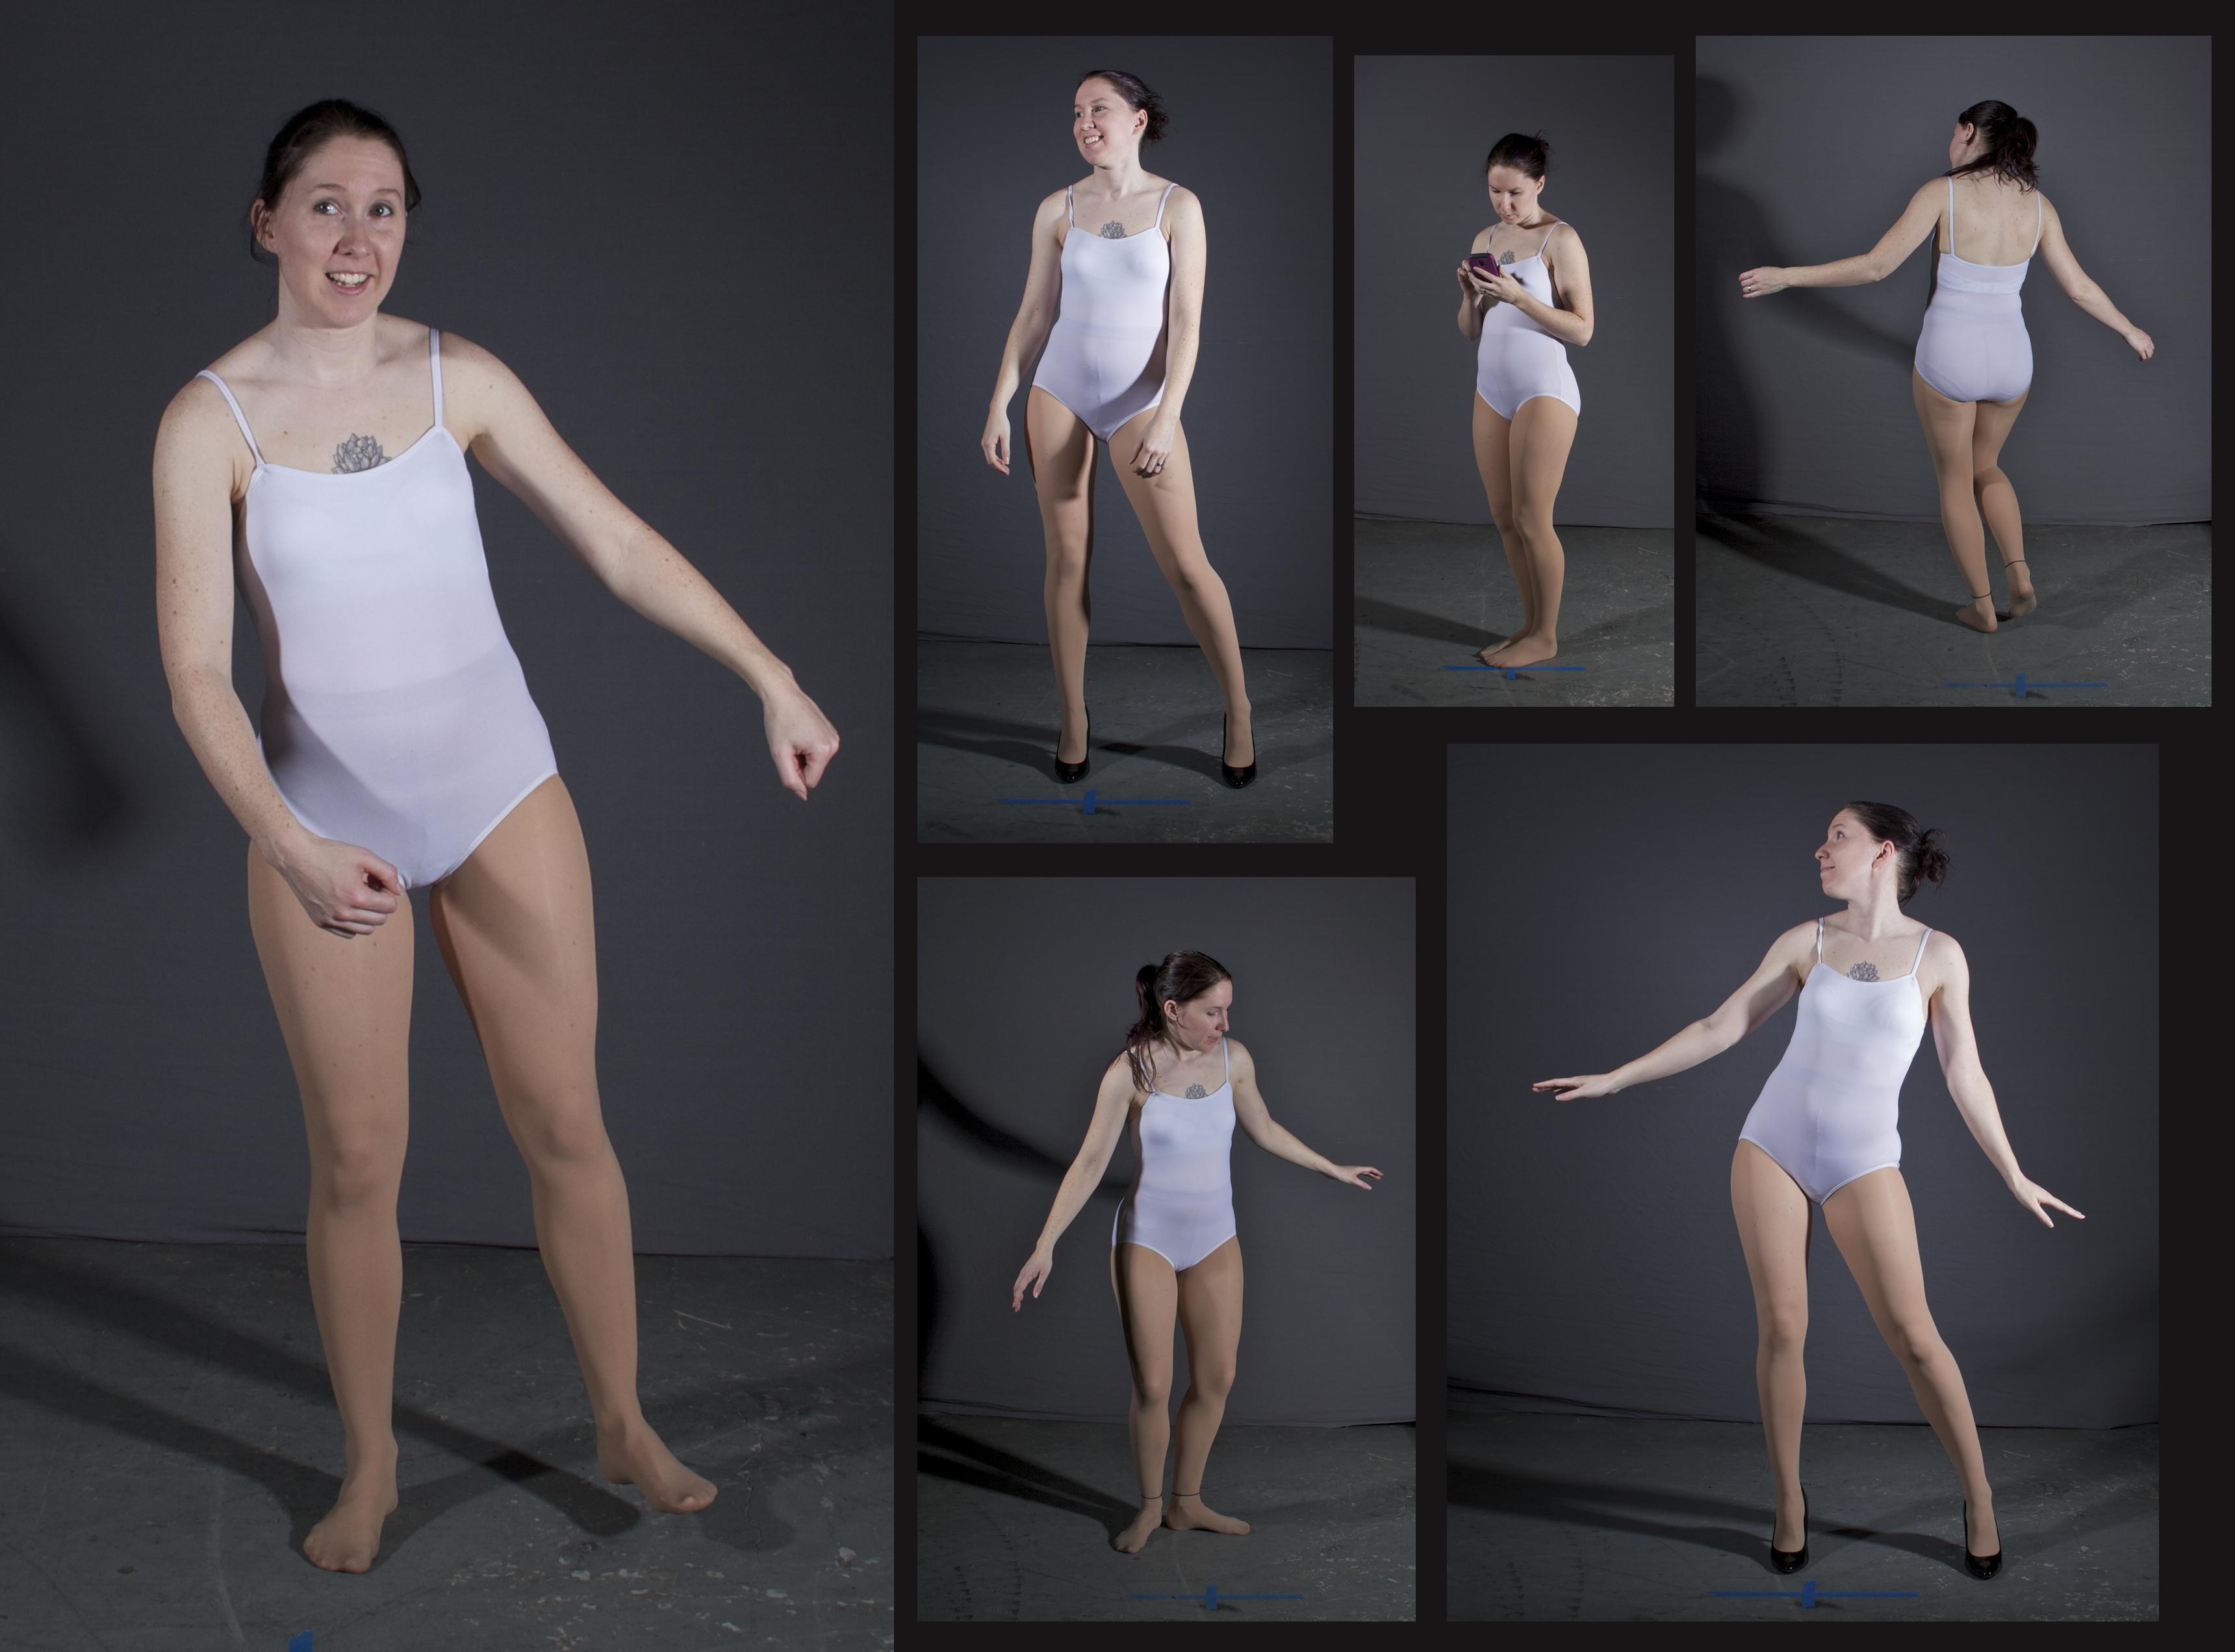 Фото моделей разных поз, Позы для фотосессии. 60 лучших поз 21 фотография